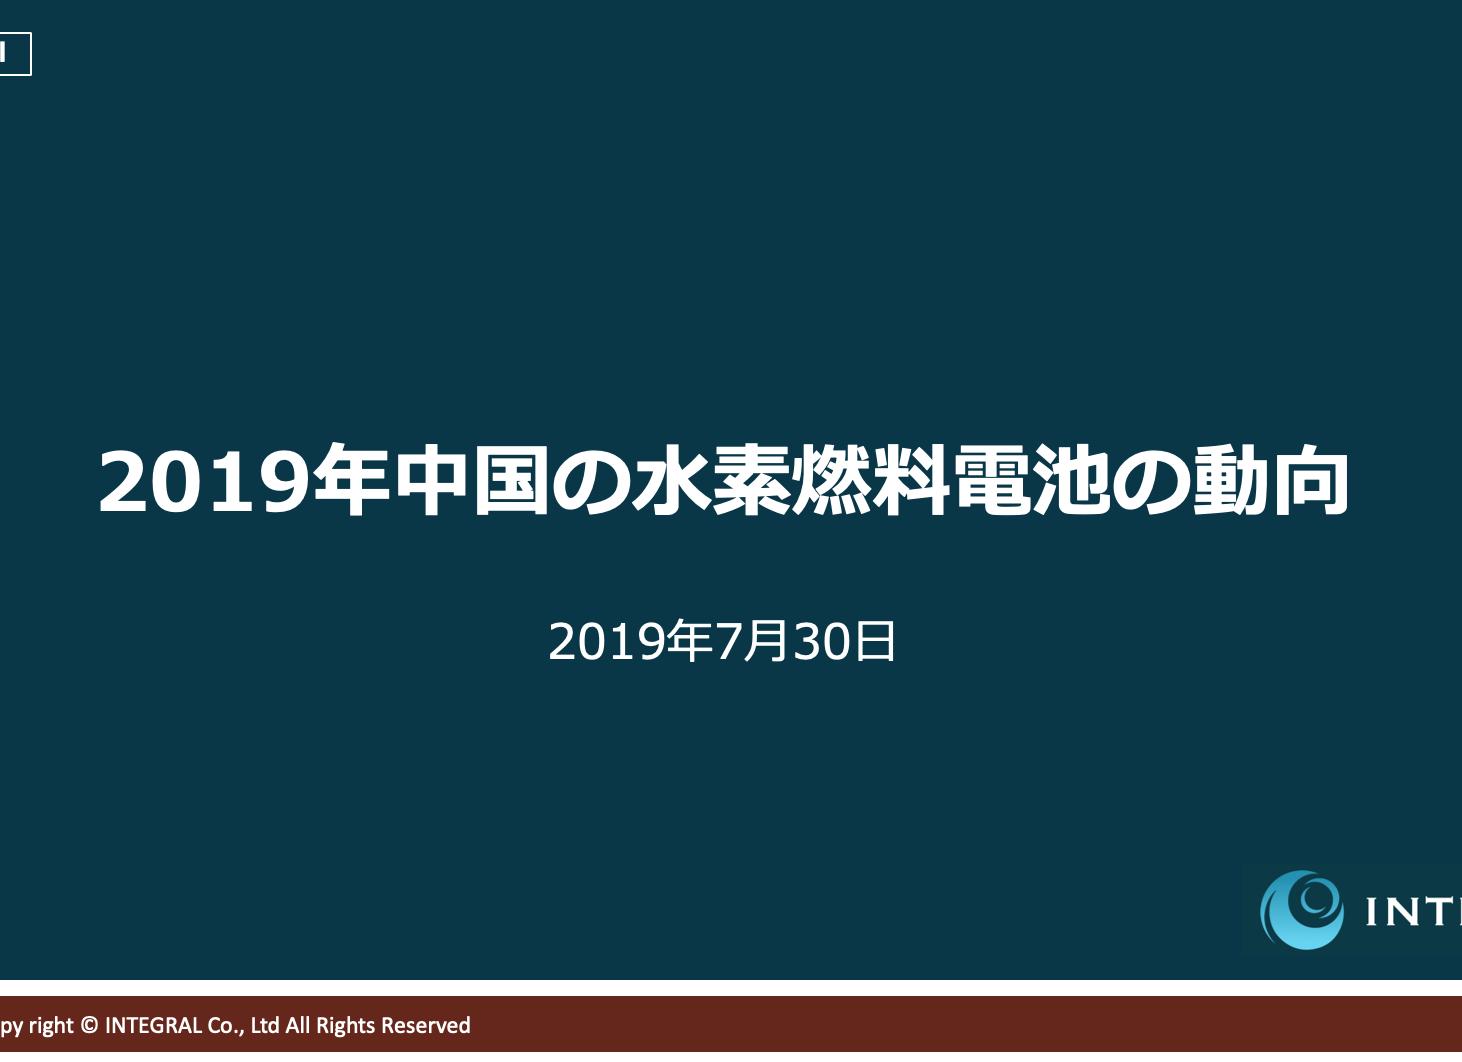 Screen Shot 2019-07-30 at 9.14.56 AM